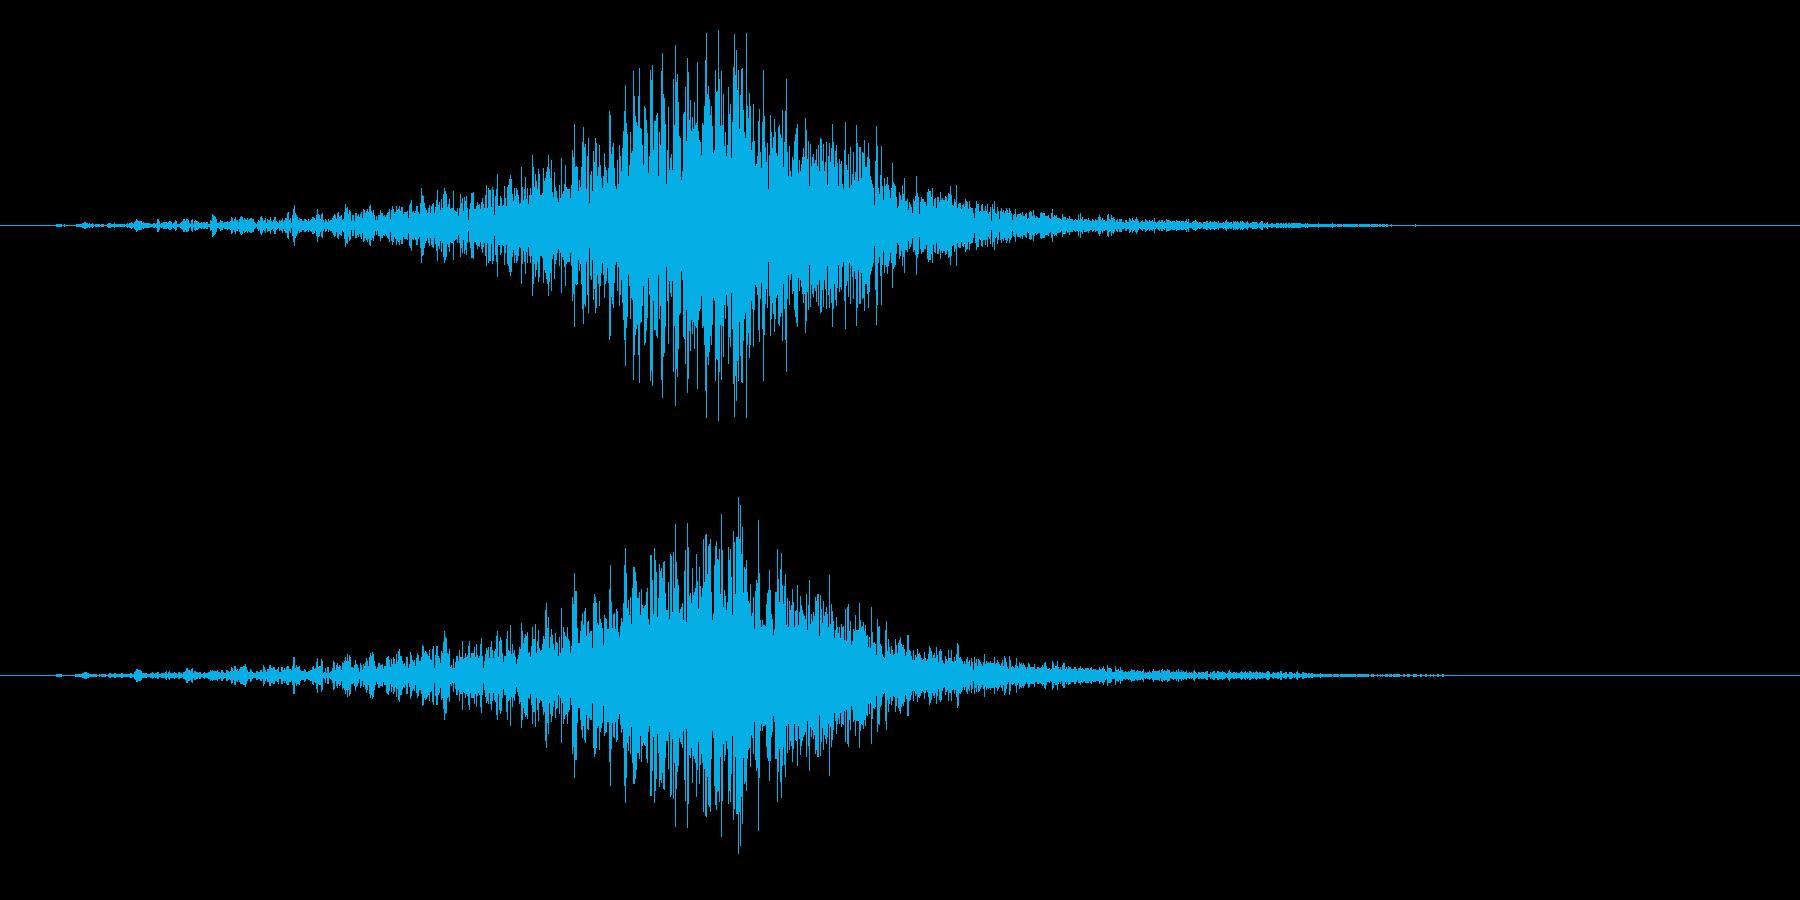 ・・・ドドドドドドン!(発表、太鼓系)の再生済みの波形